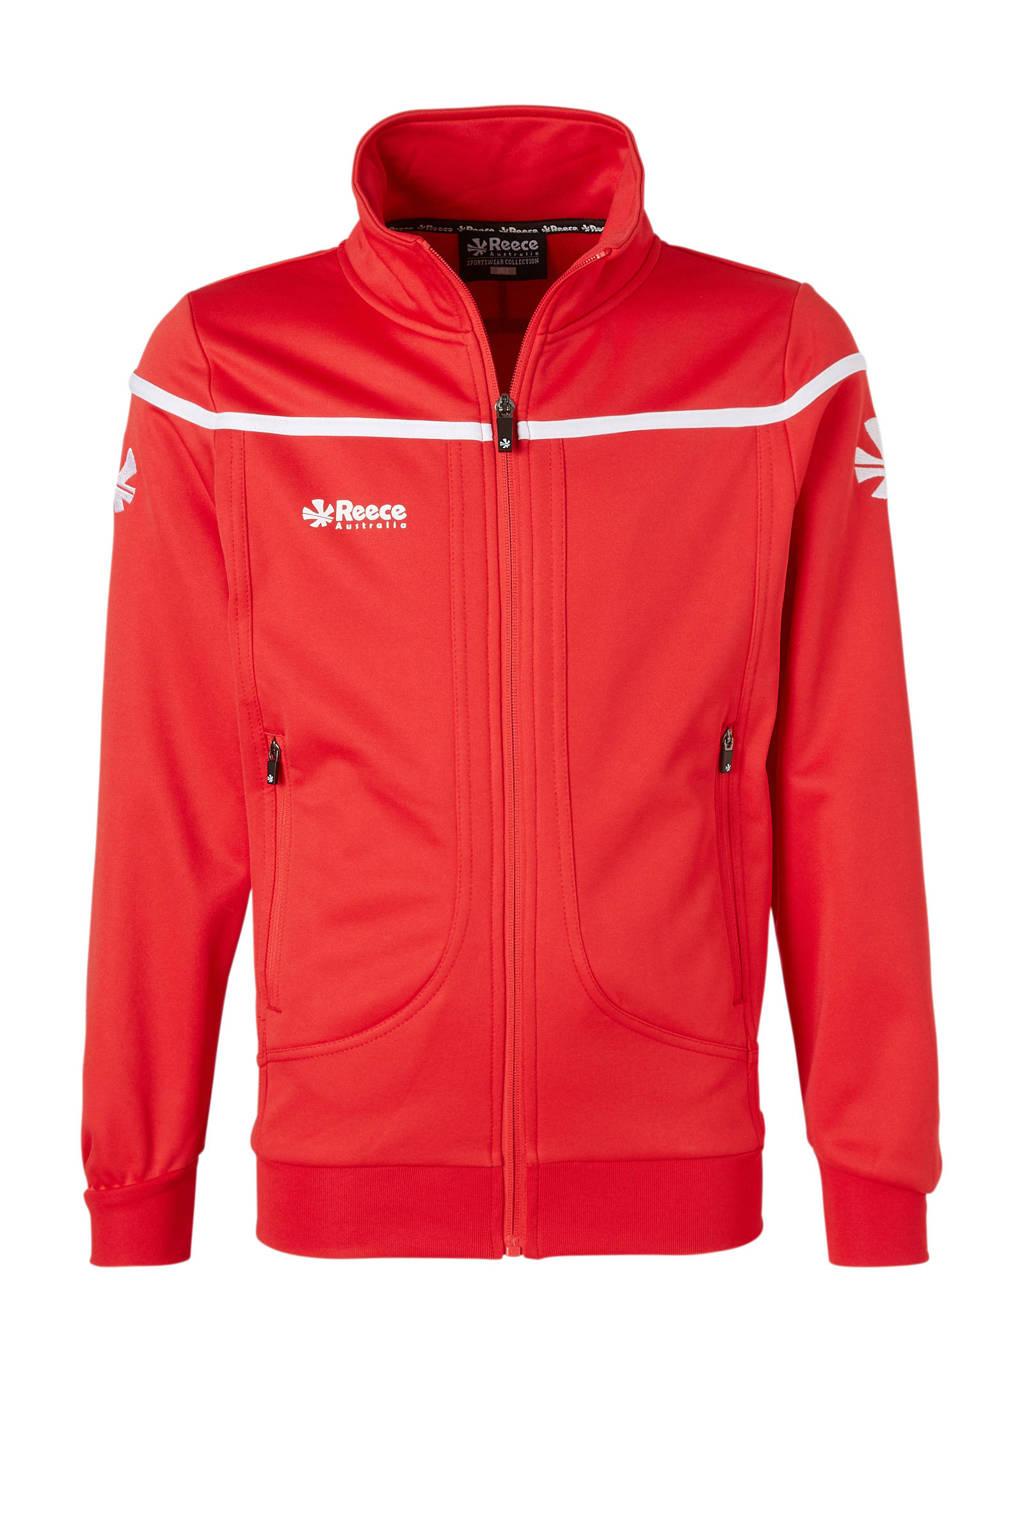 Reece Australia   sportvest rood, Rood/wit, Jongens/meisjes